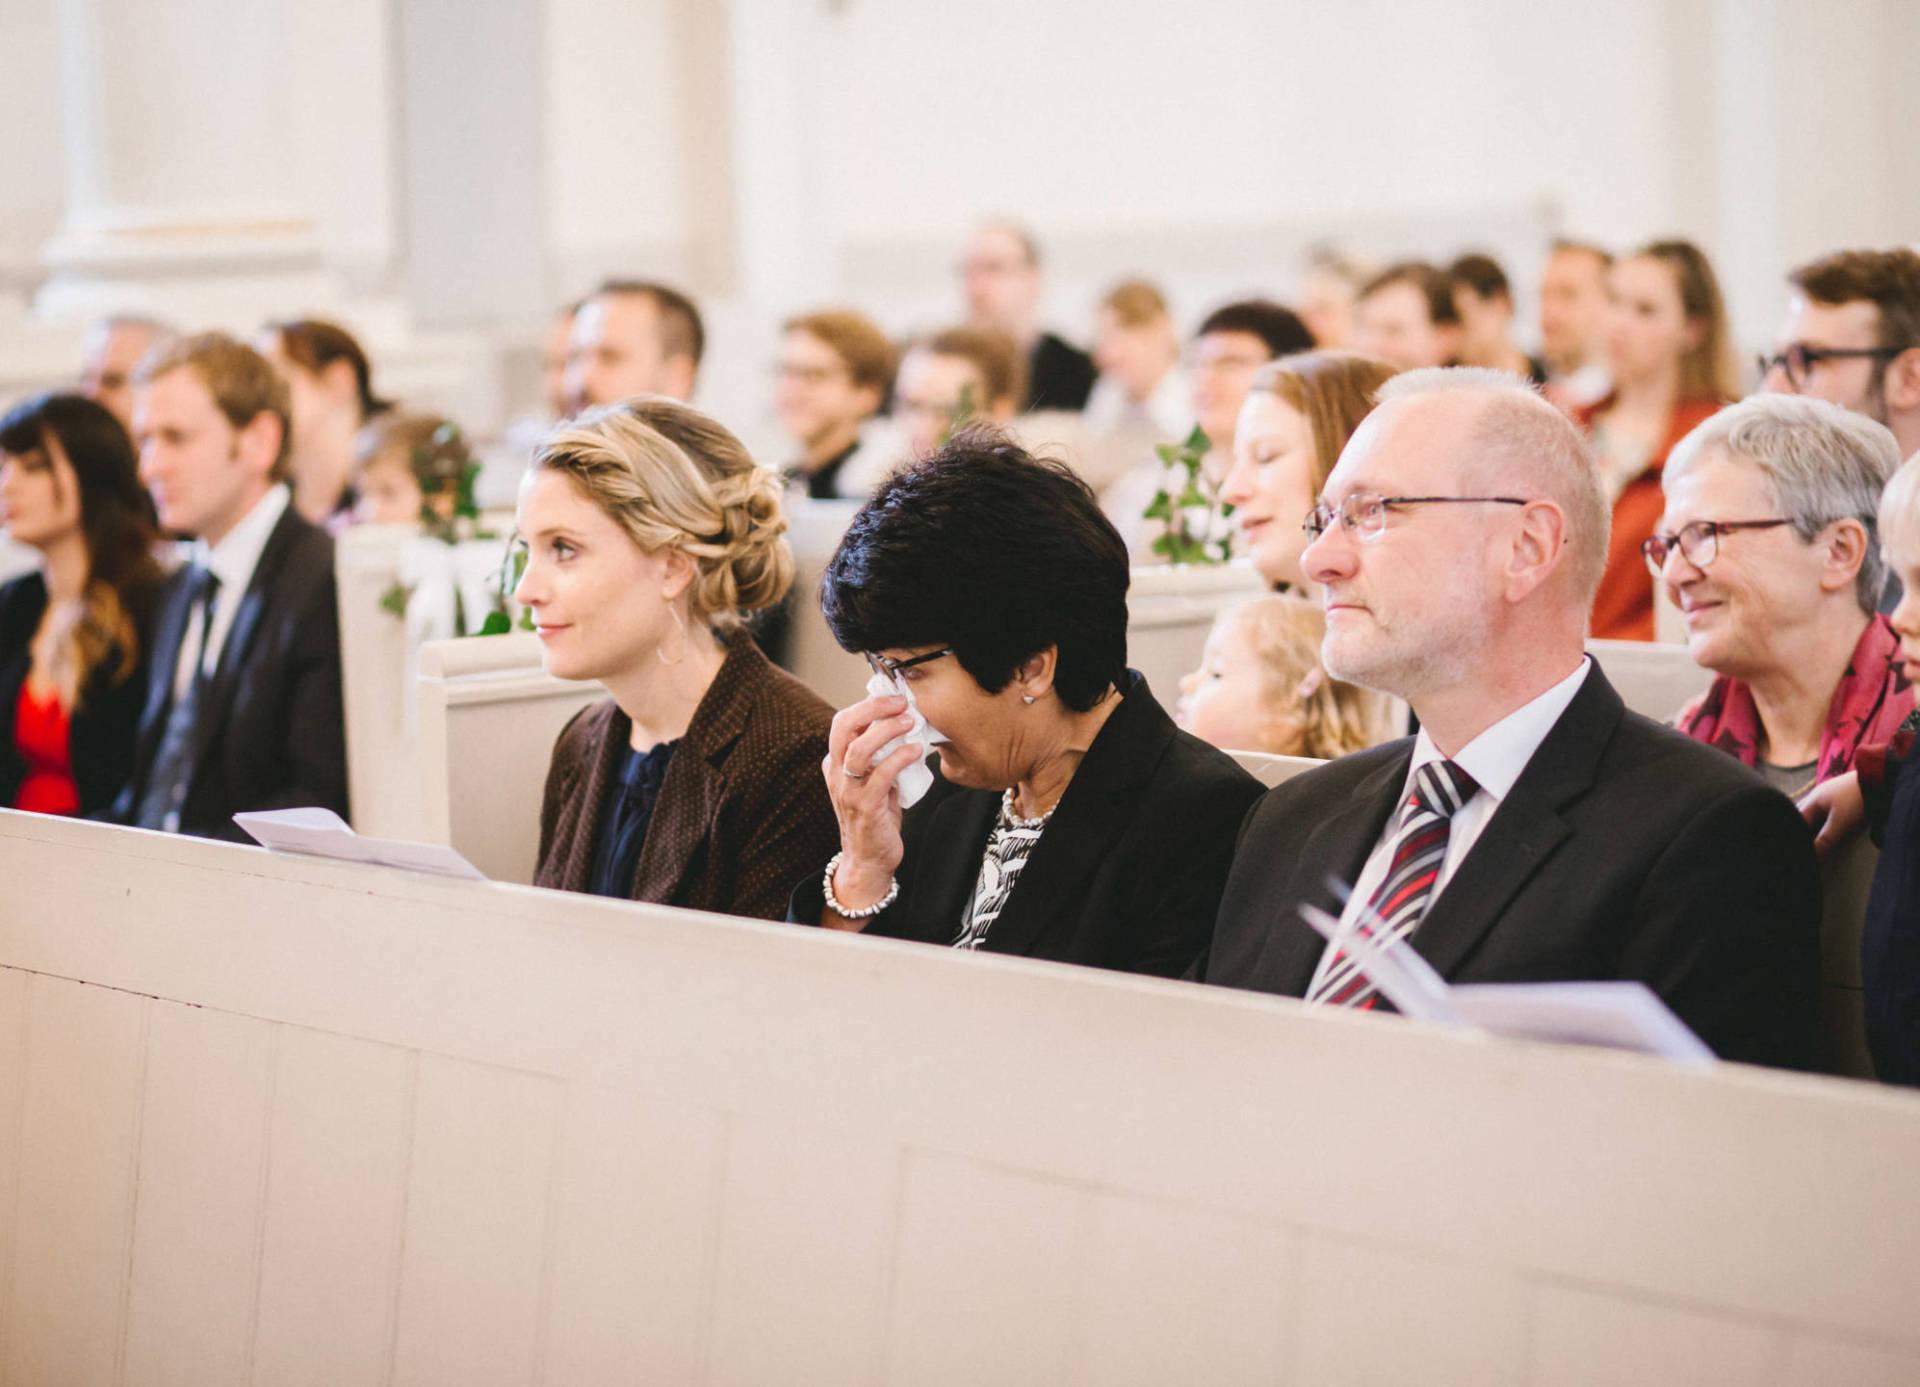 Hochzeitsreportage | Hochzeit im Paradies Jena | 28